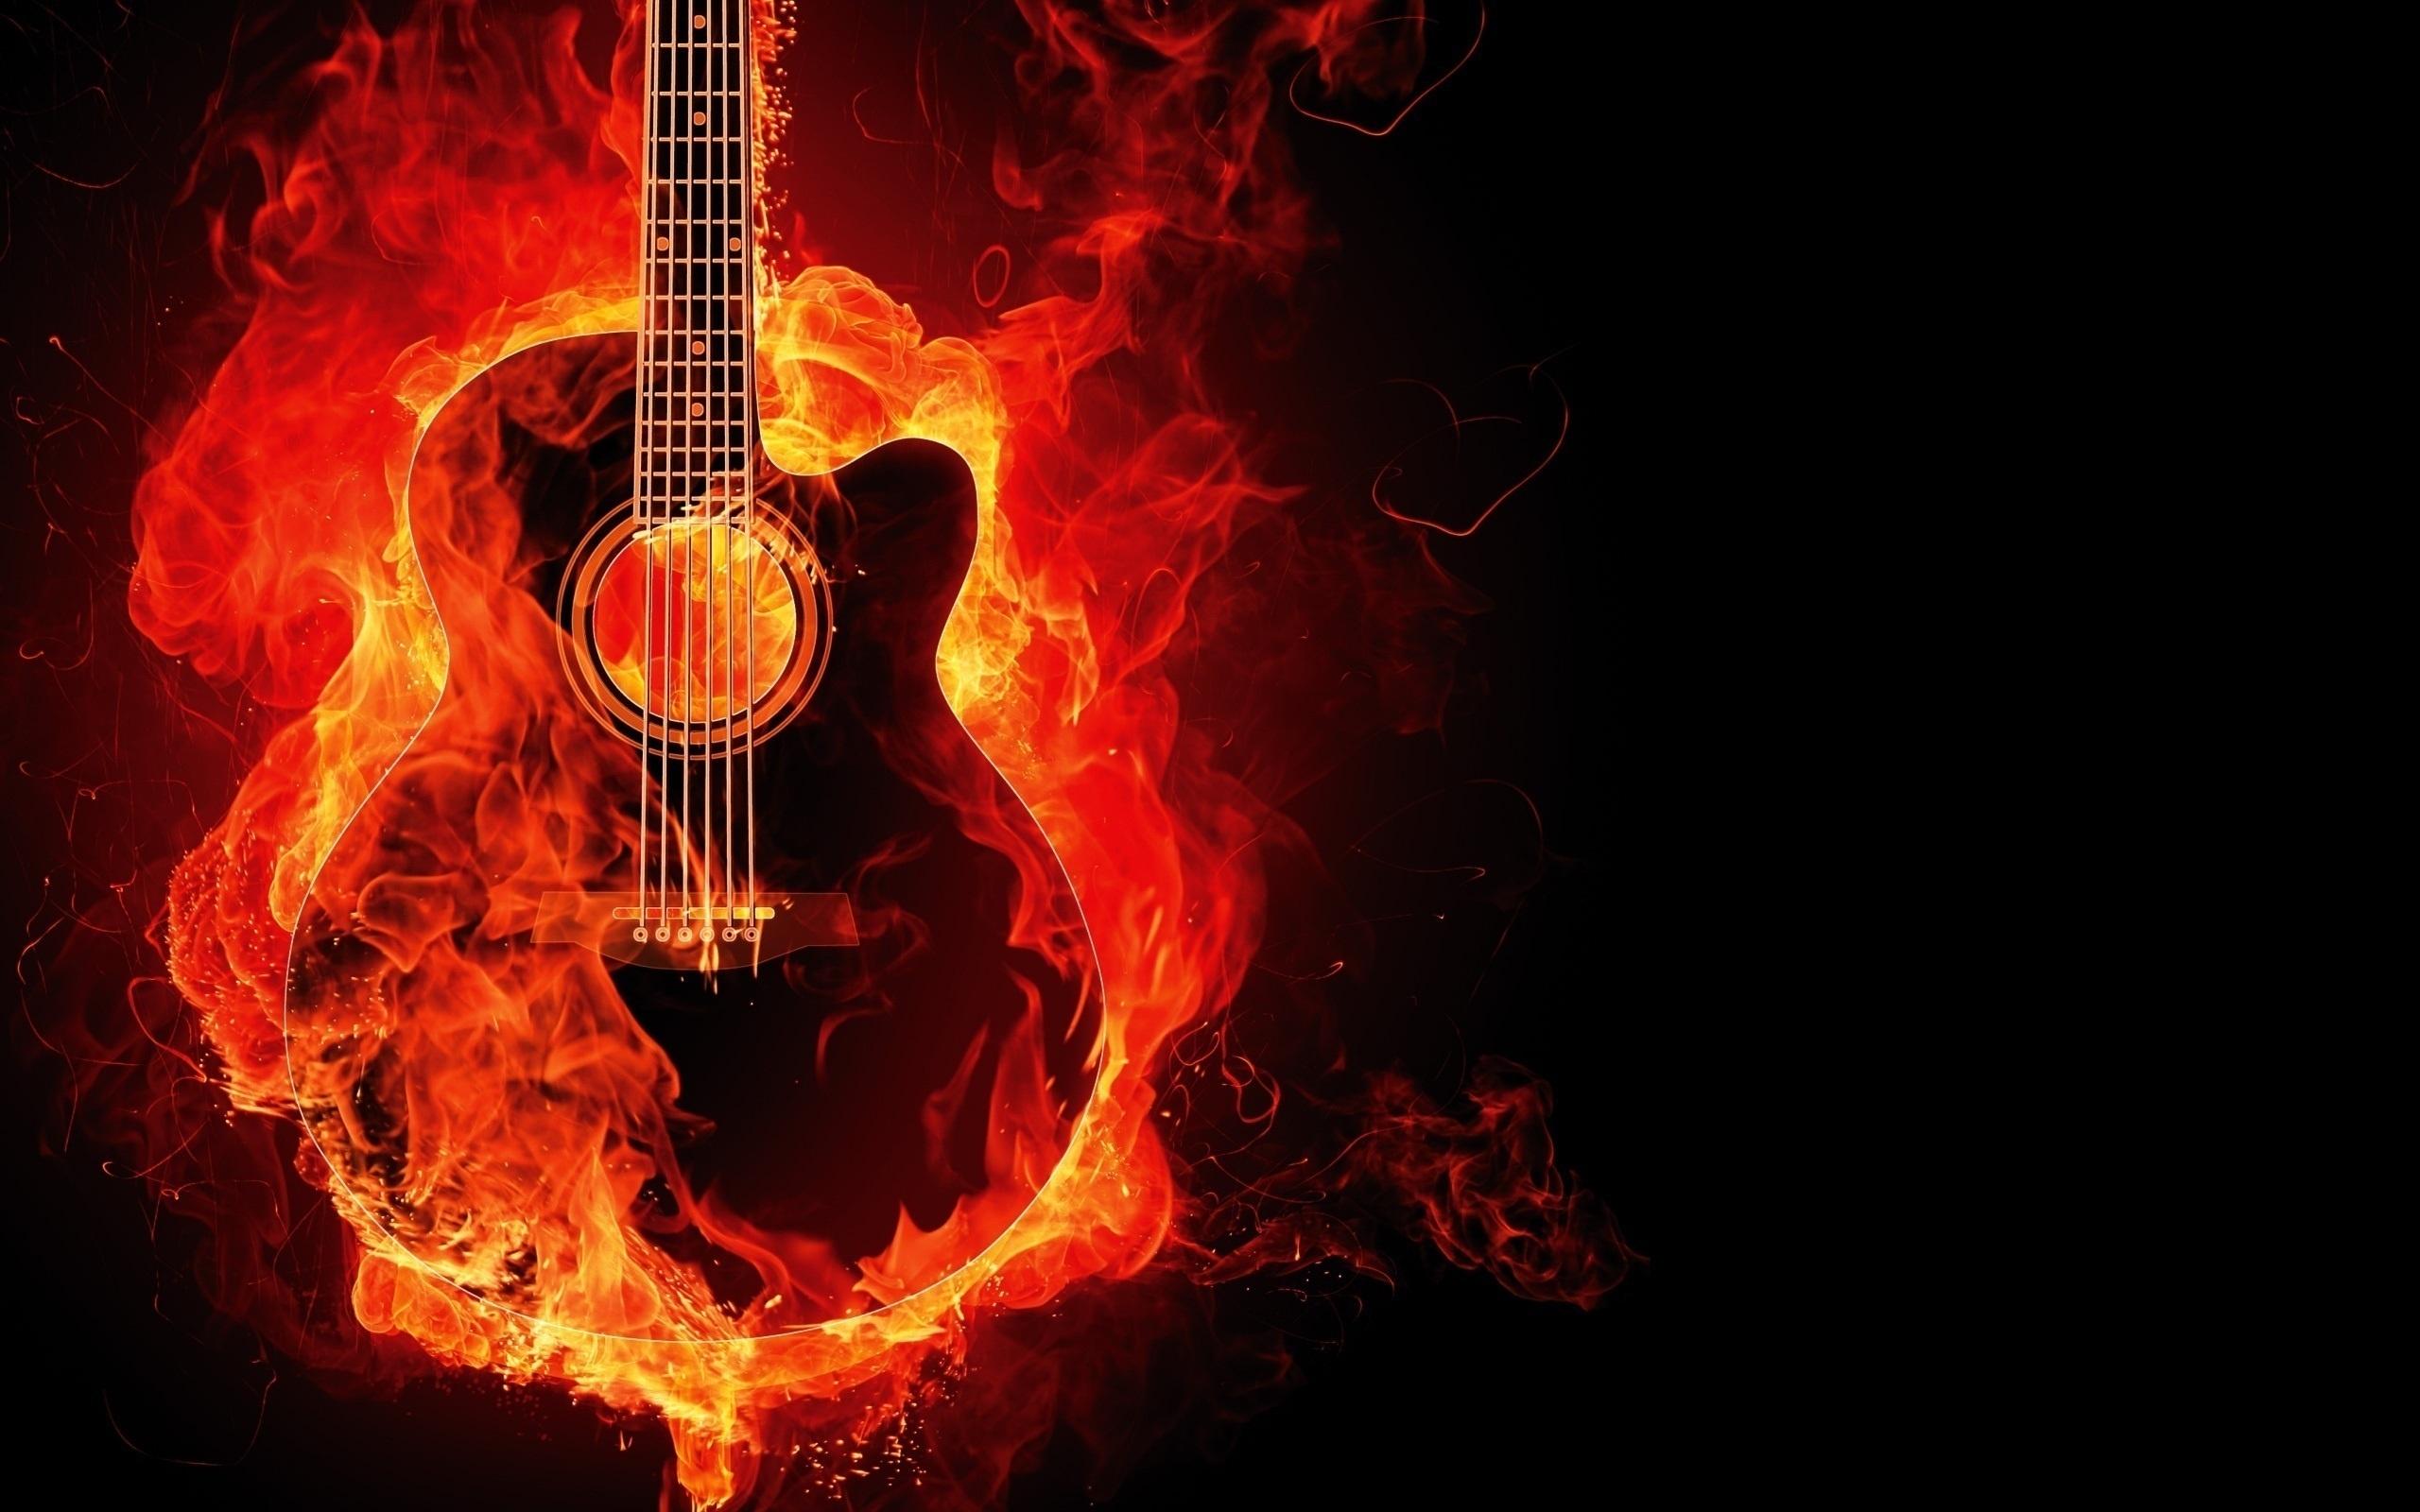 Fantastic Wallpaper Music Fire - wallls  You Should Have_129112.jpg